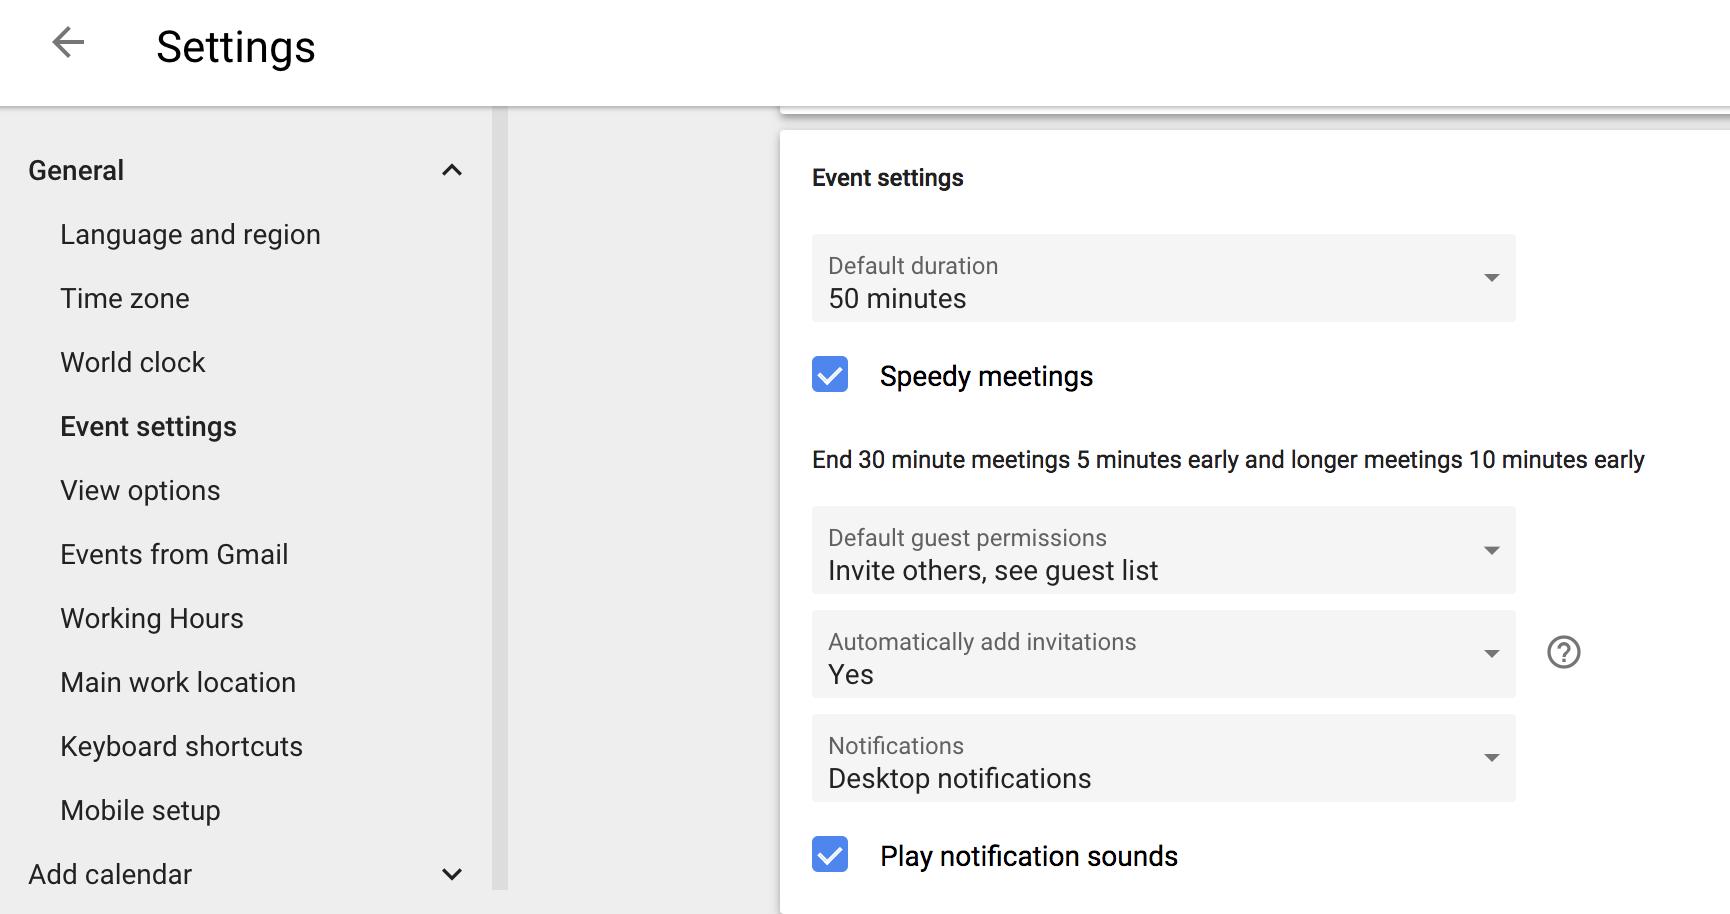 Use Google's speedy meetings function to ensure meetings start on time